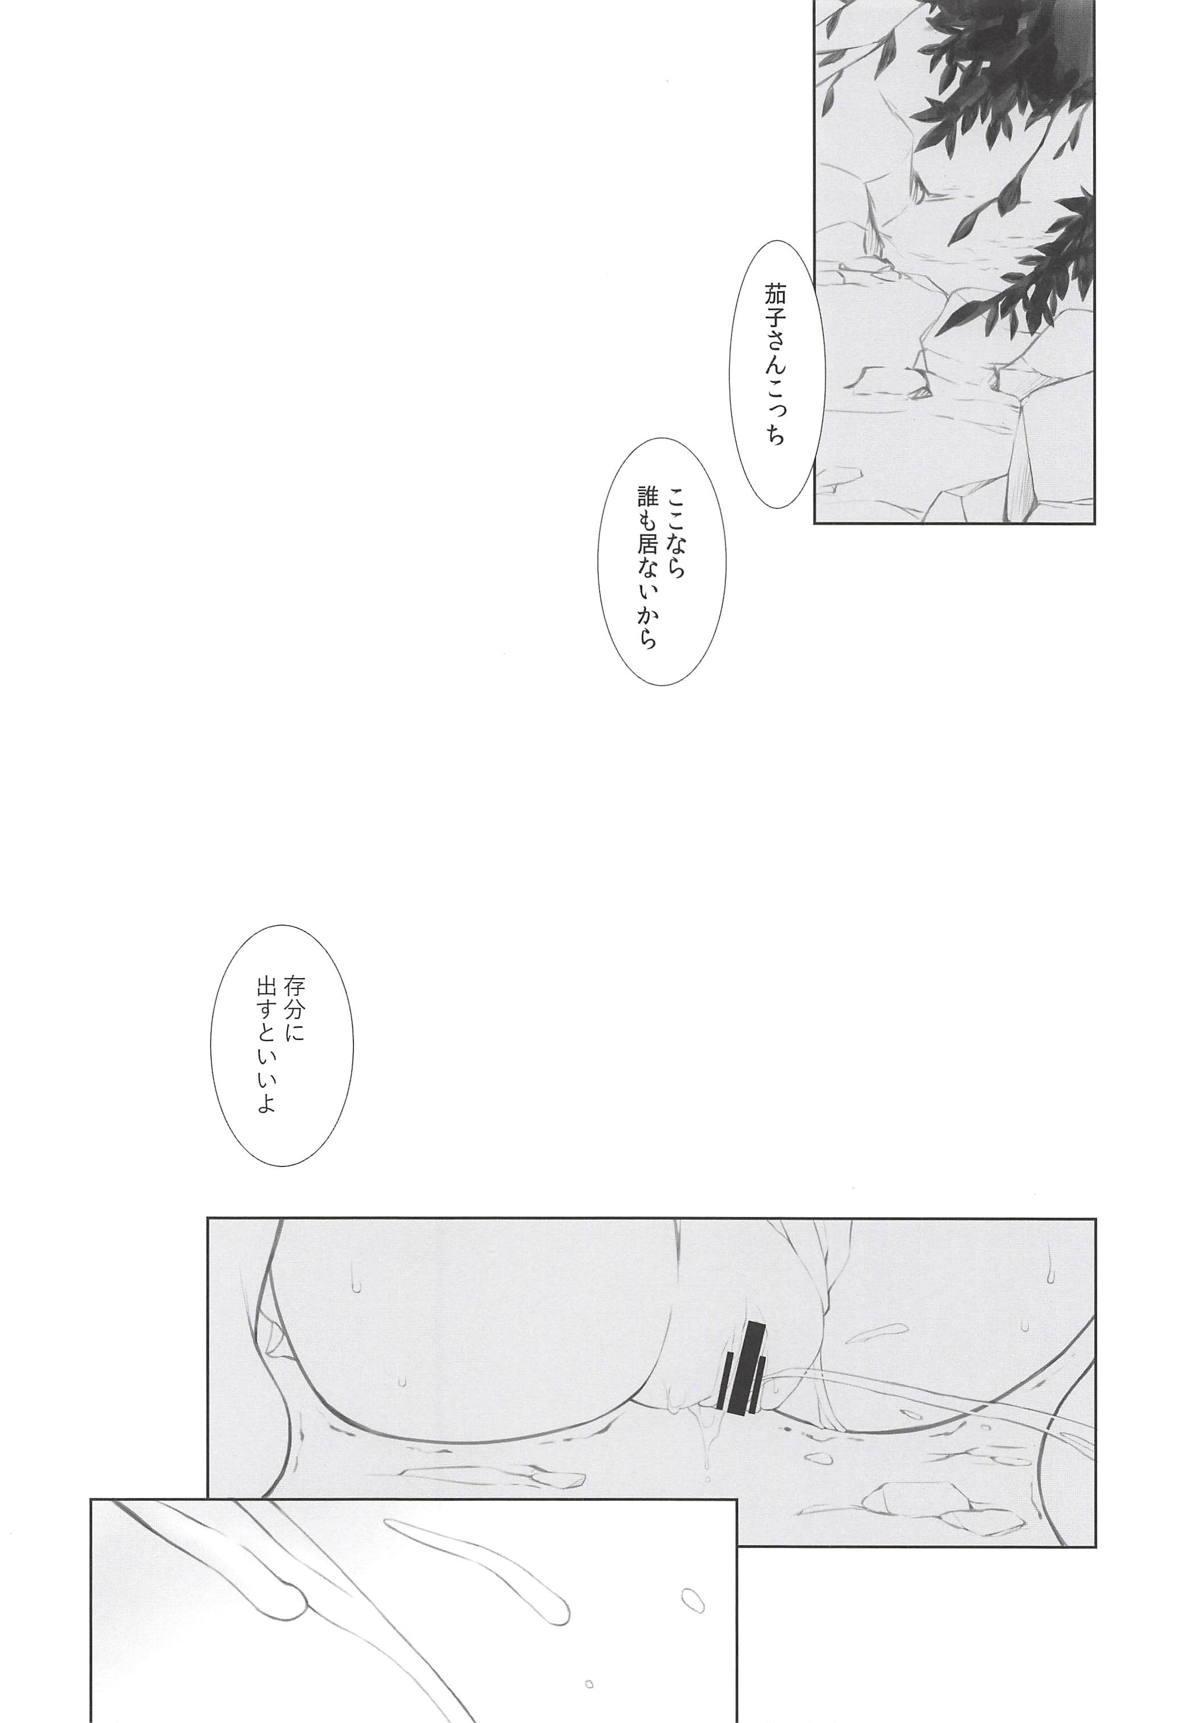 Atsui Hi no Suzumikata 2